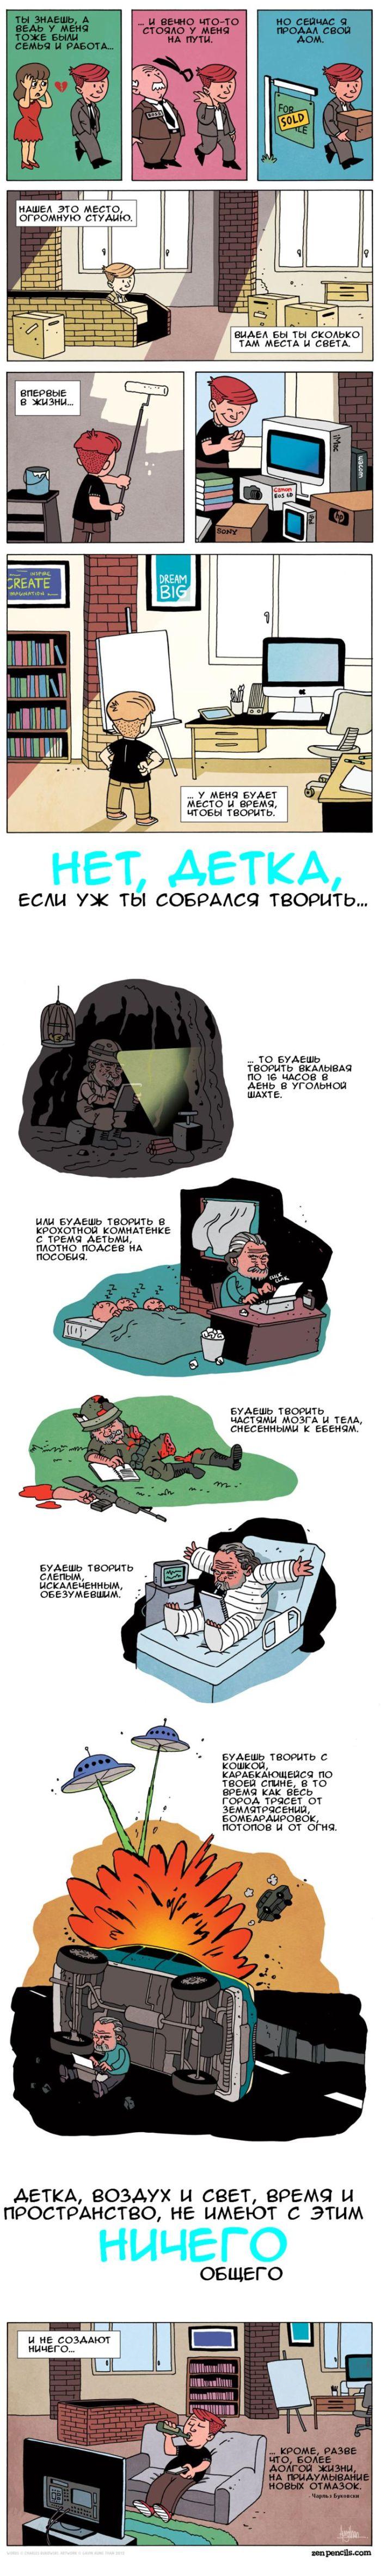 2012 >> DataLife Engine > Версия для печати > Жизненный комикс с философским смыслом